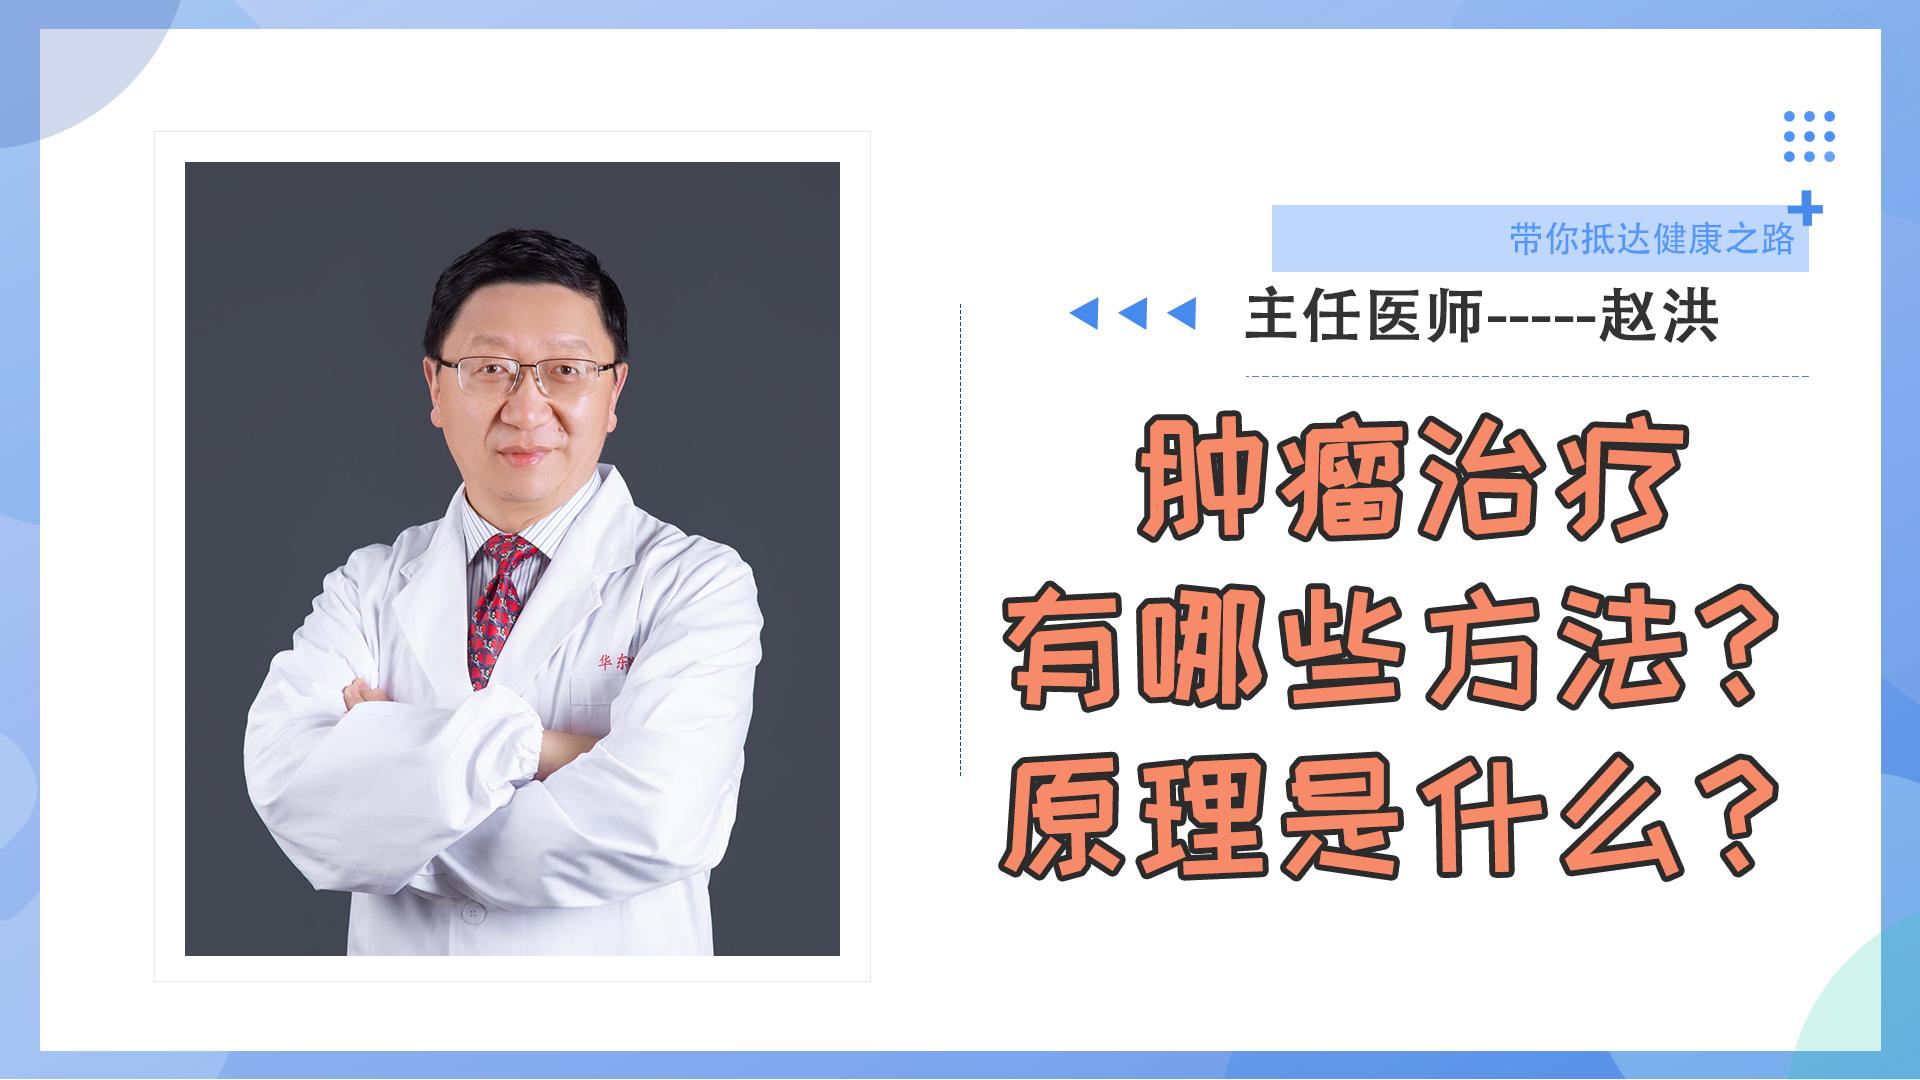 肿瘤治疗的原理是什么?有哪些常规治疗方法?